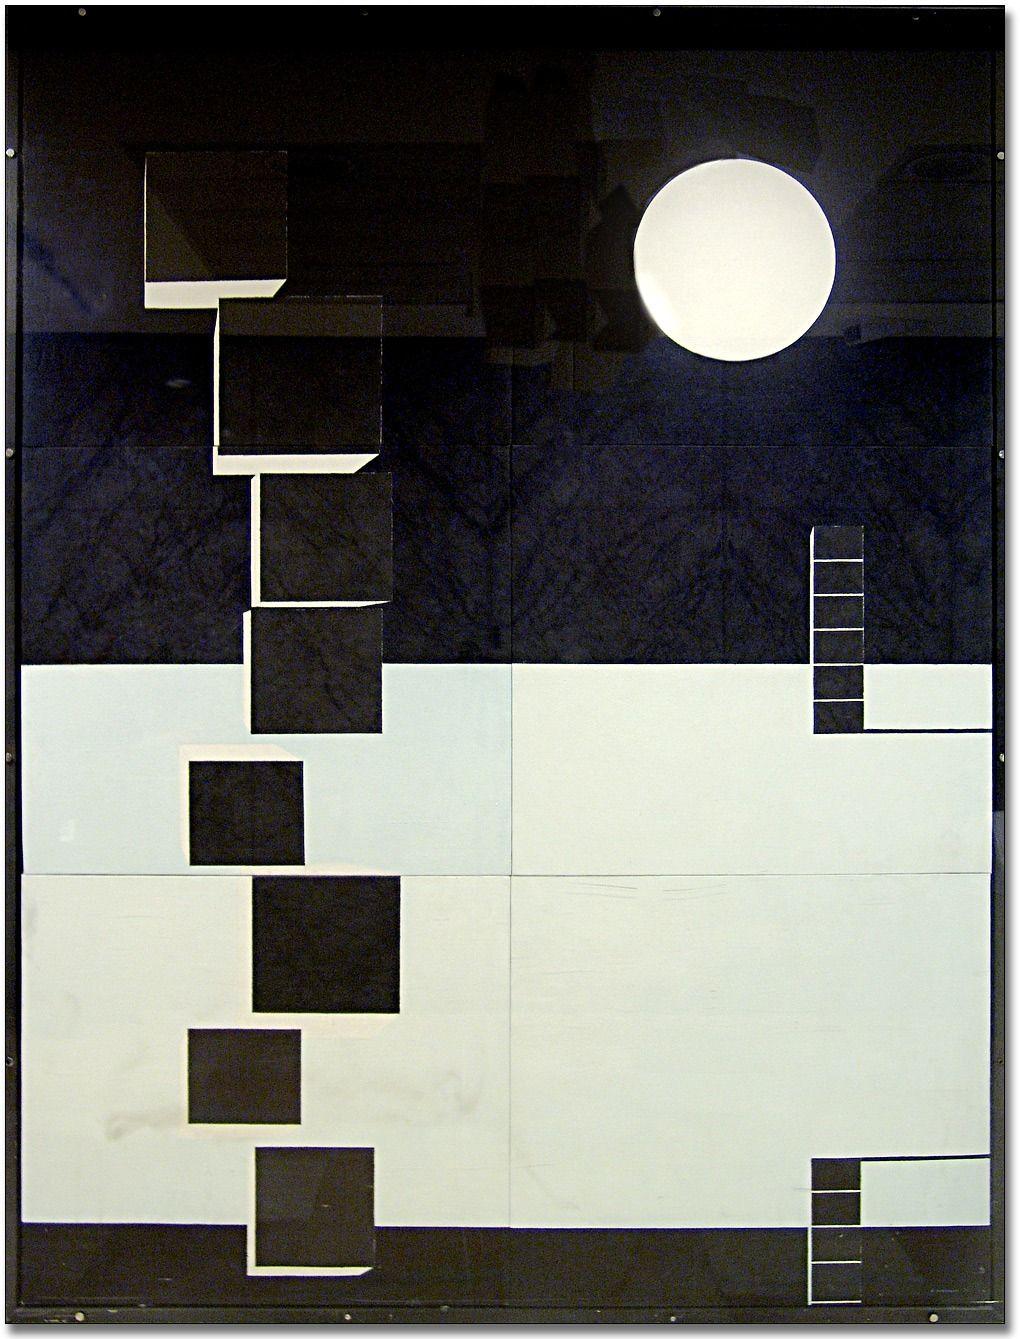 Two Horizons, 1968 Kazuo Nakamura